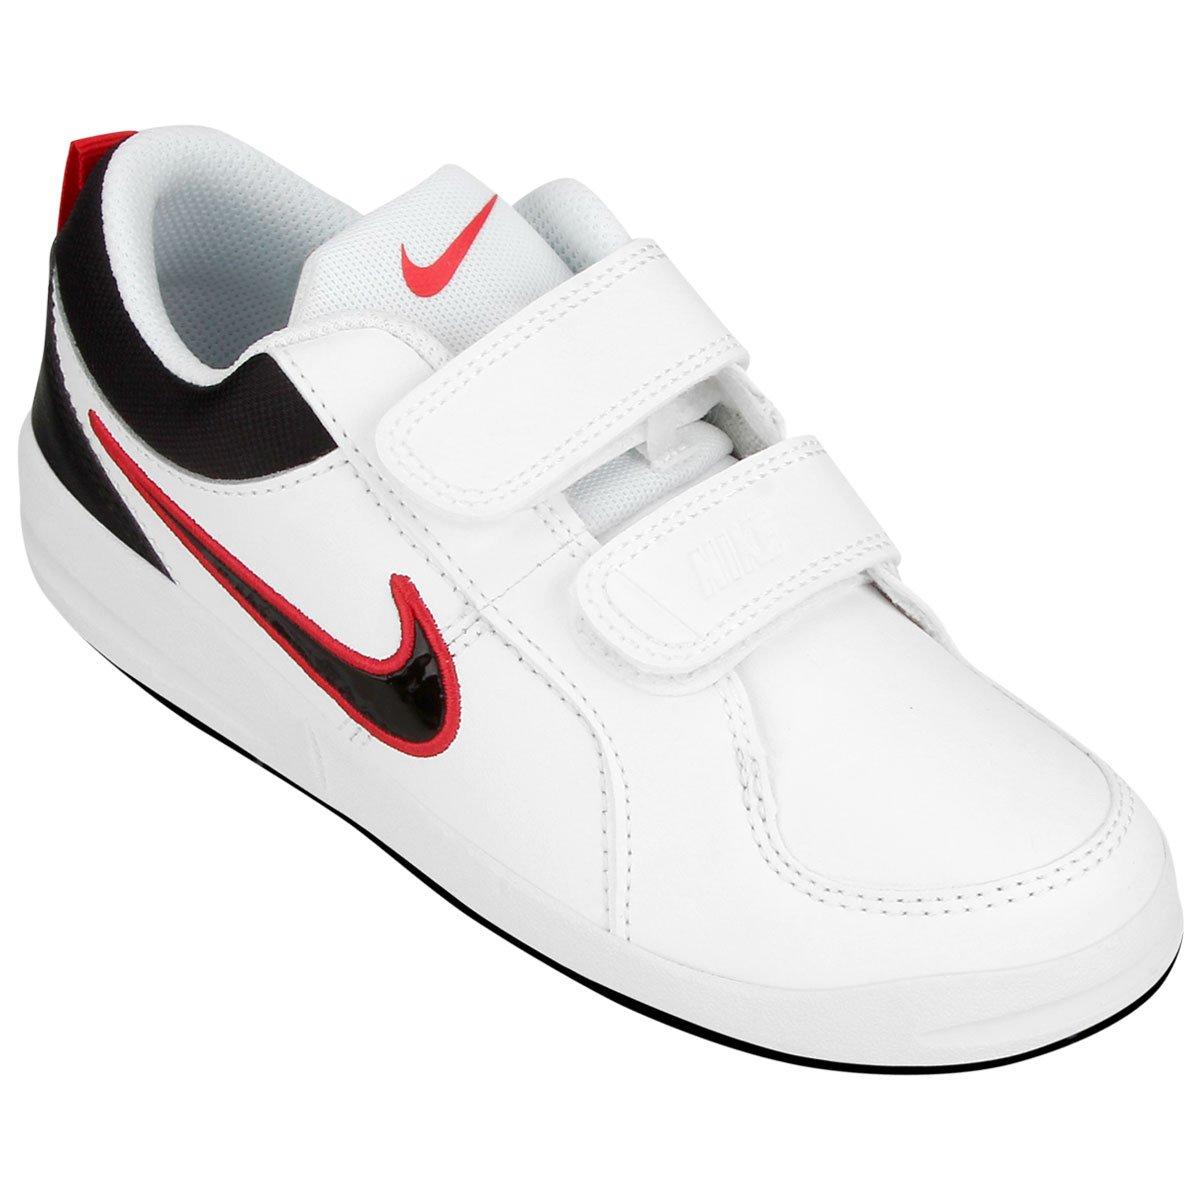 9b9c6f45c13 Tênis Nike Pico 4 Infantil - Compre Agora